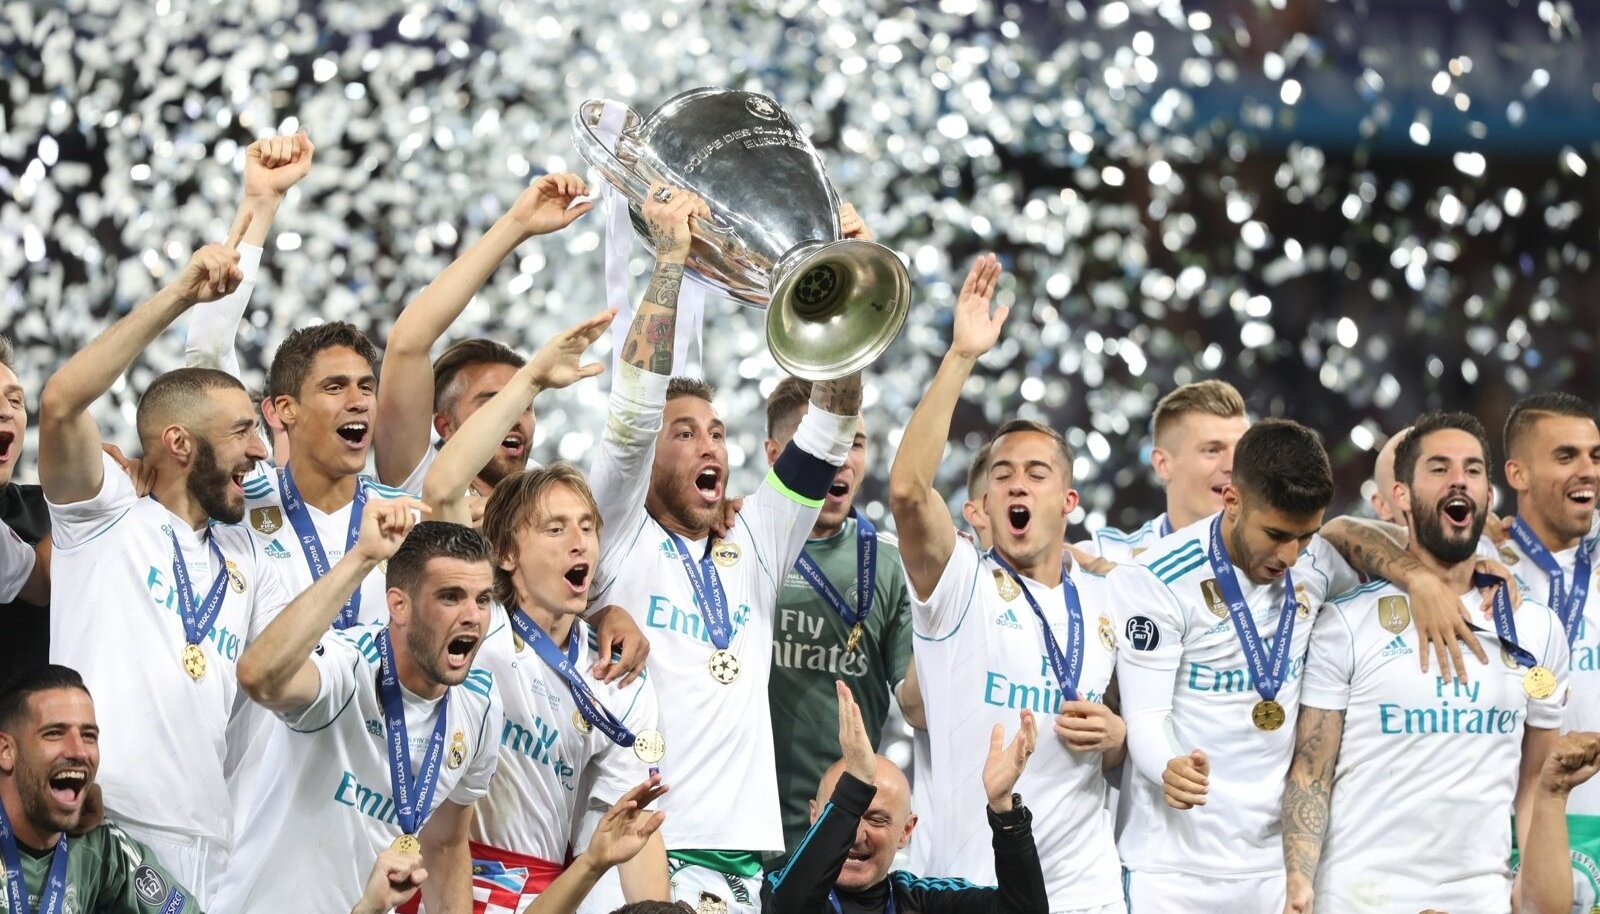 Võidukas Madridi Real